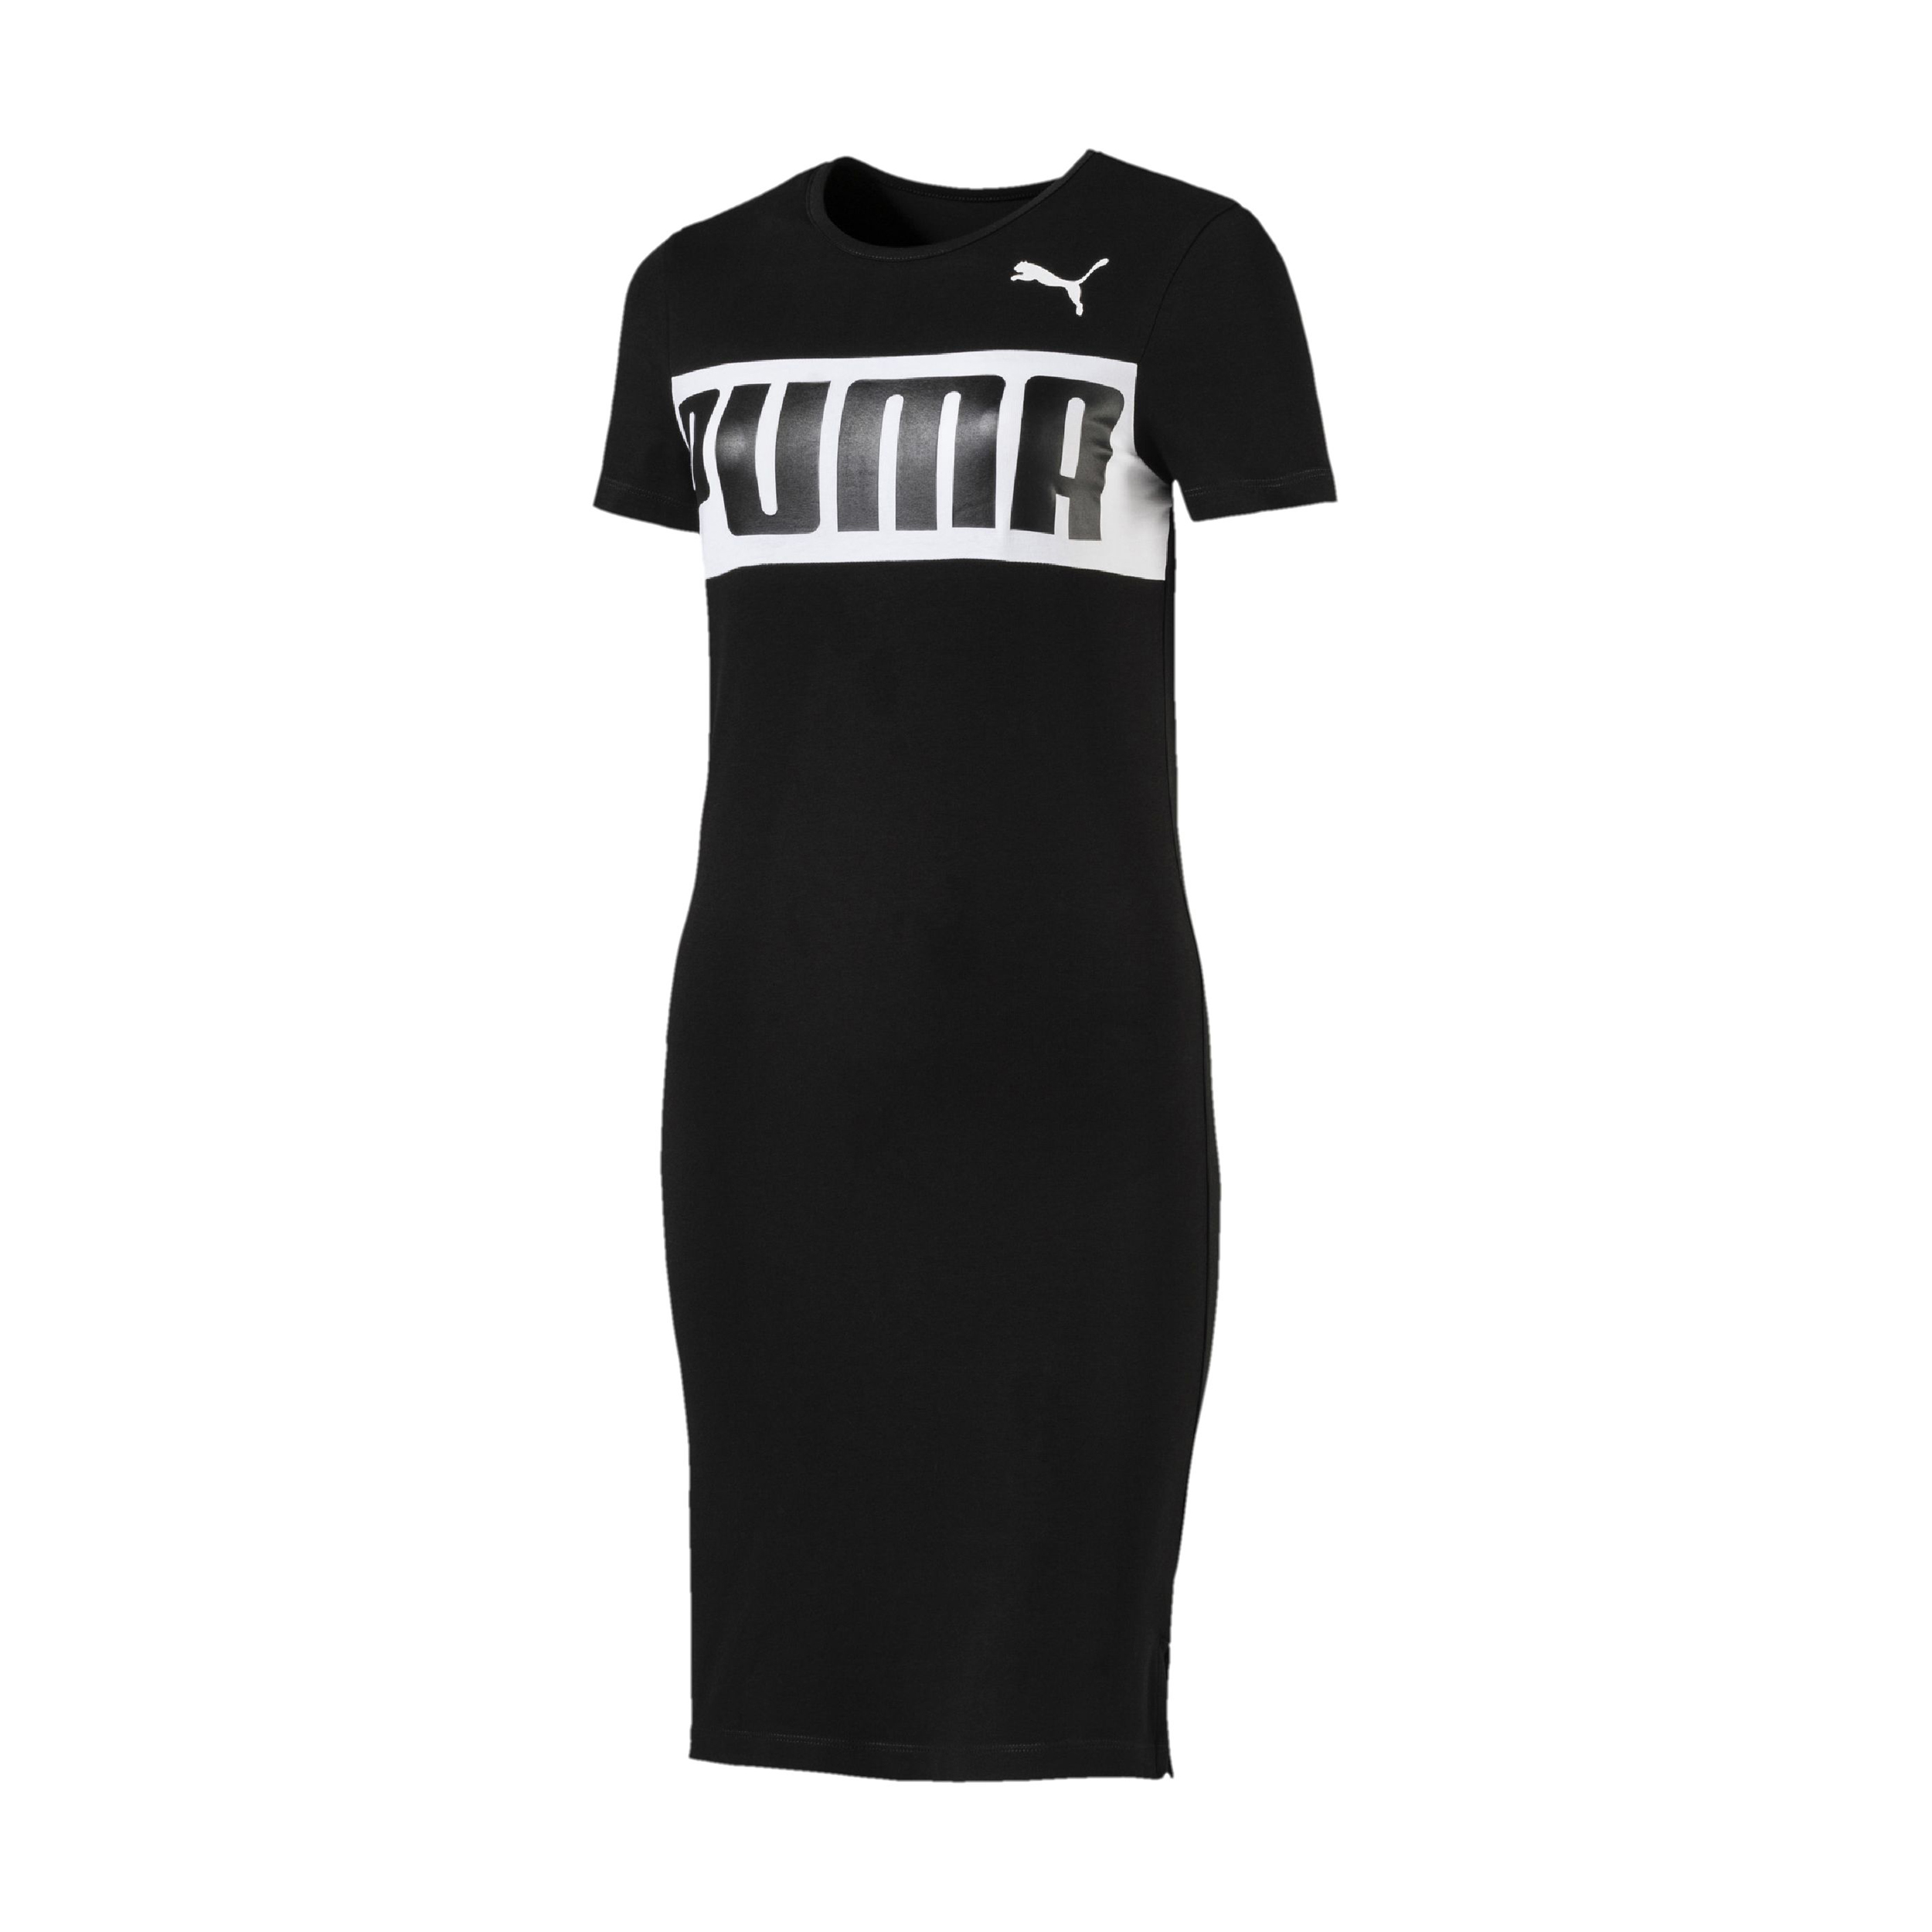 850864 URBAN SPORTS Dress DRESS 01 L